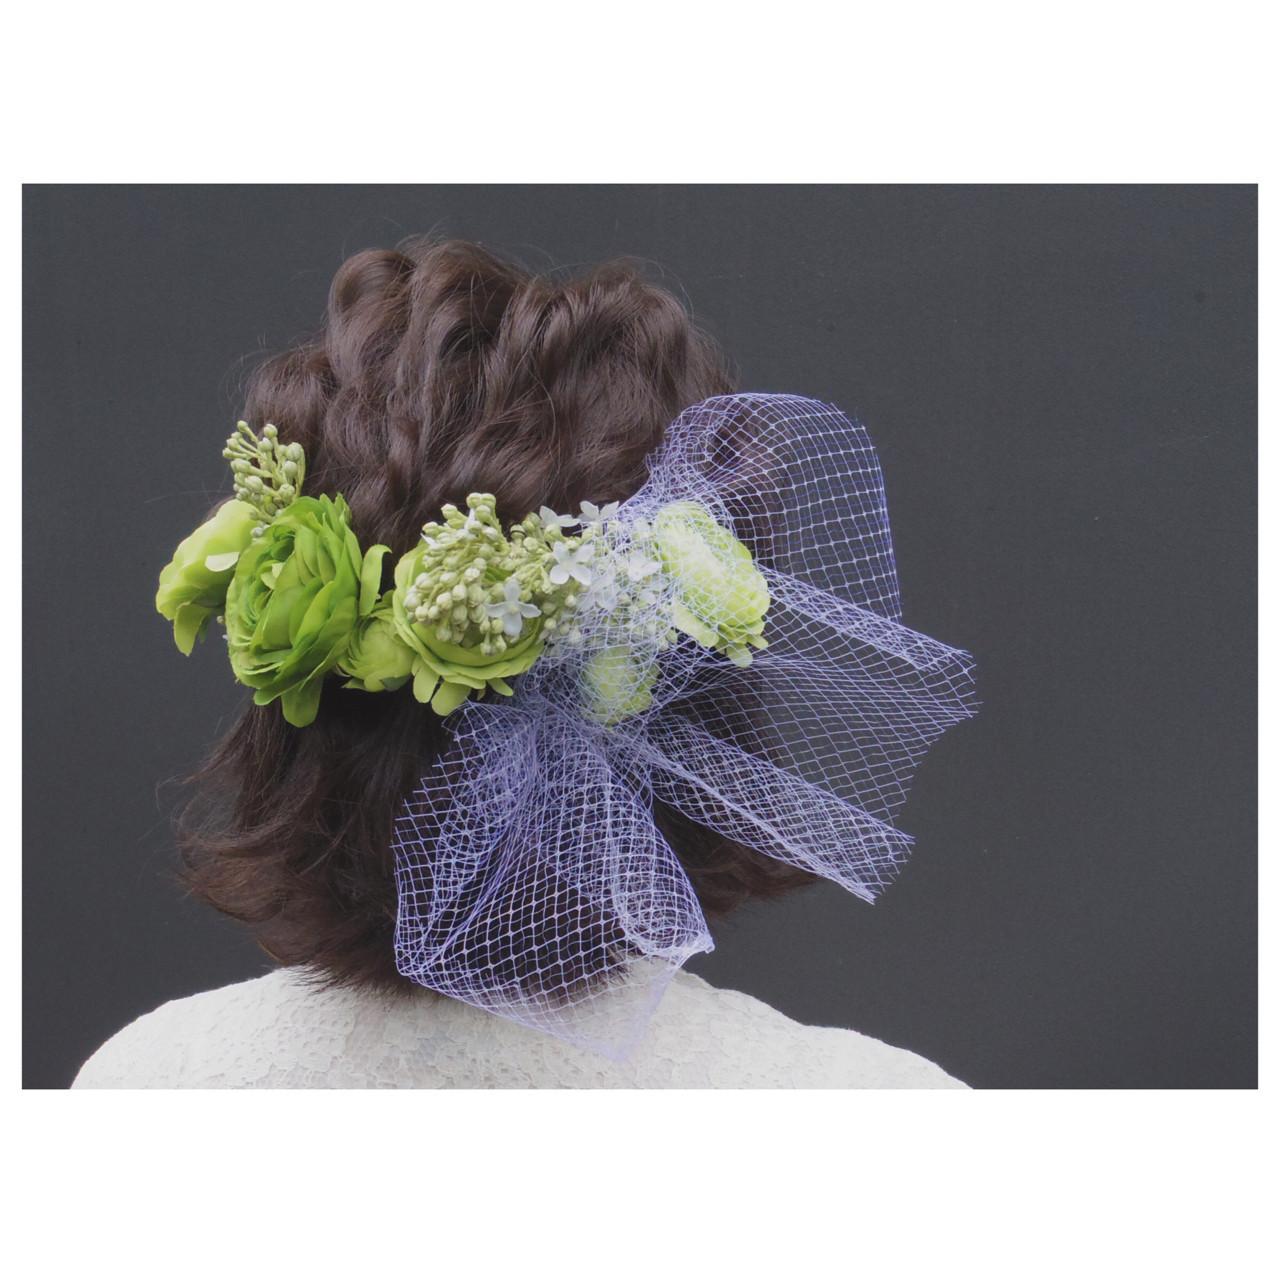 ショートヘア×花かんむりが可愛すぎる 秋山みき